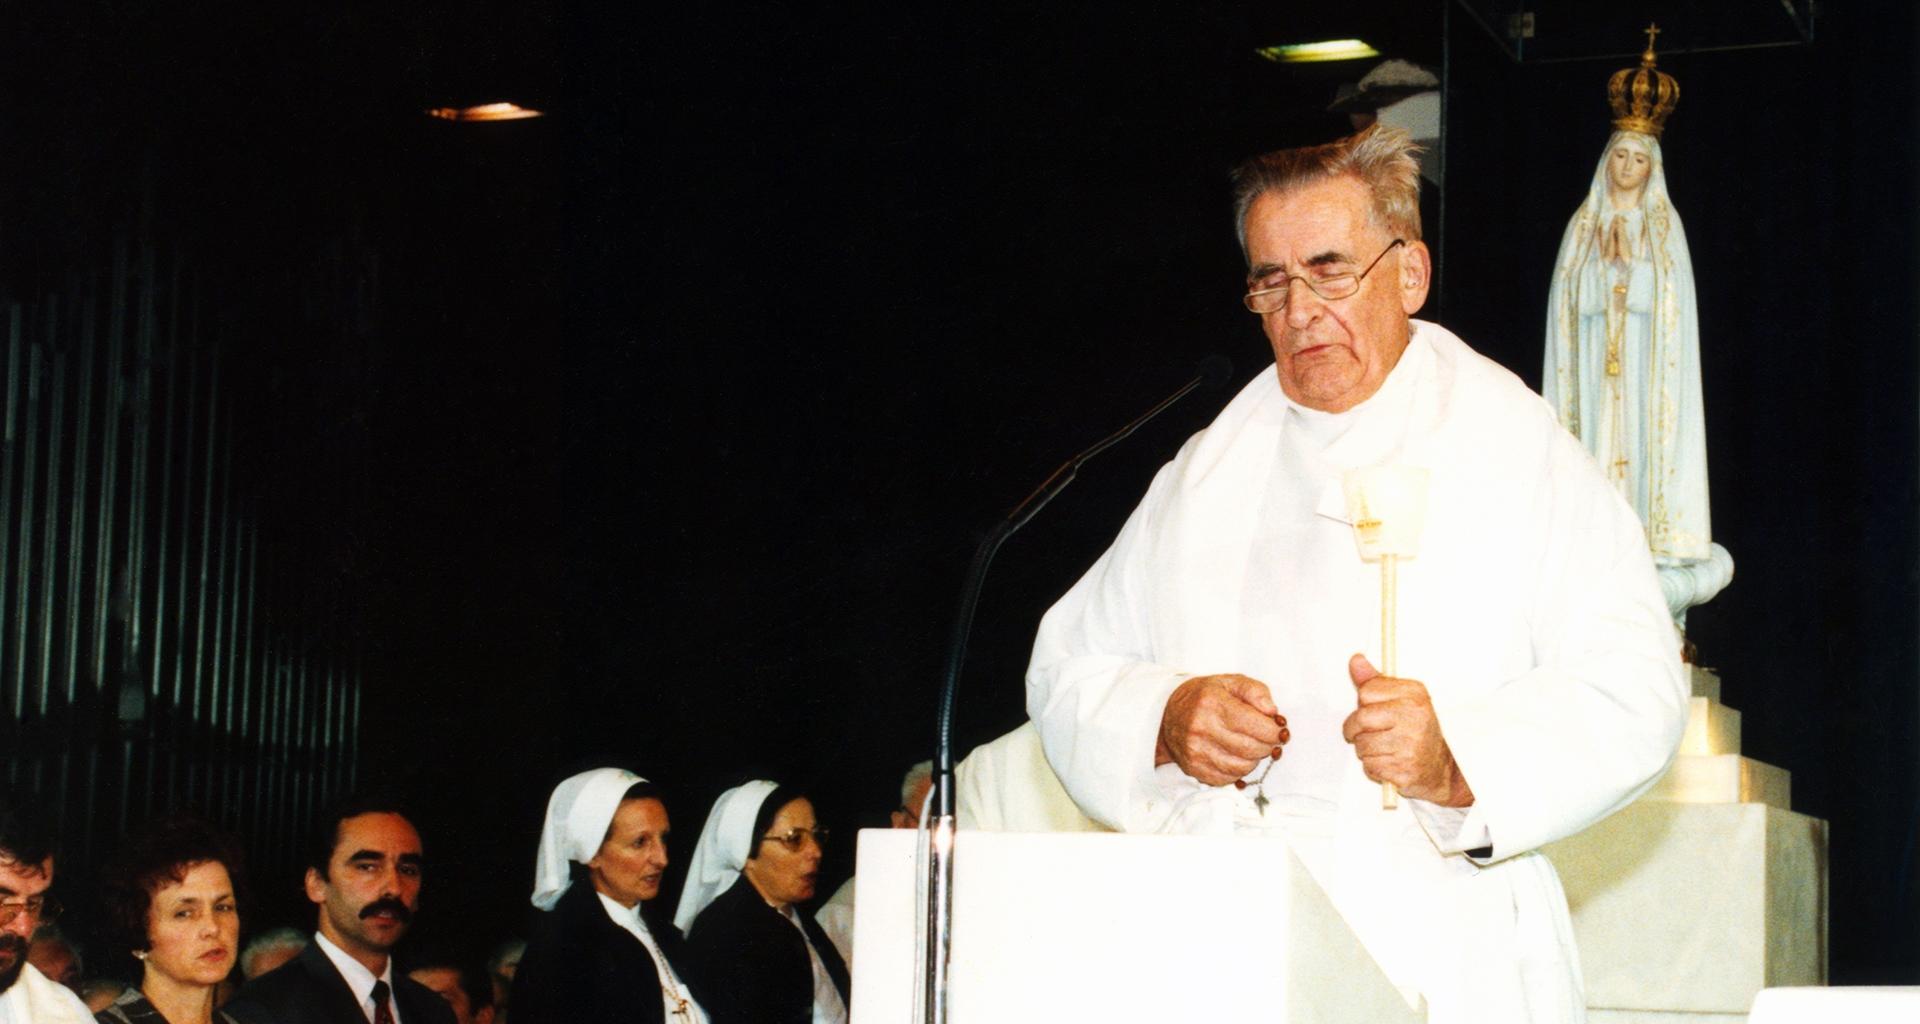 No aniversário de 50 anos da ACN, Pe. Werenfried reza o rosário na Capela das Aparições em Fátima.